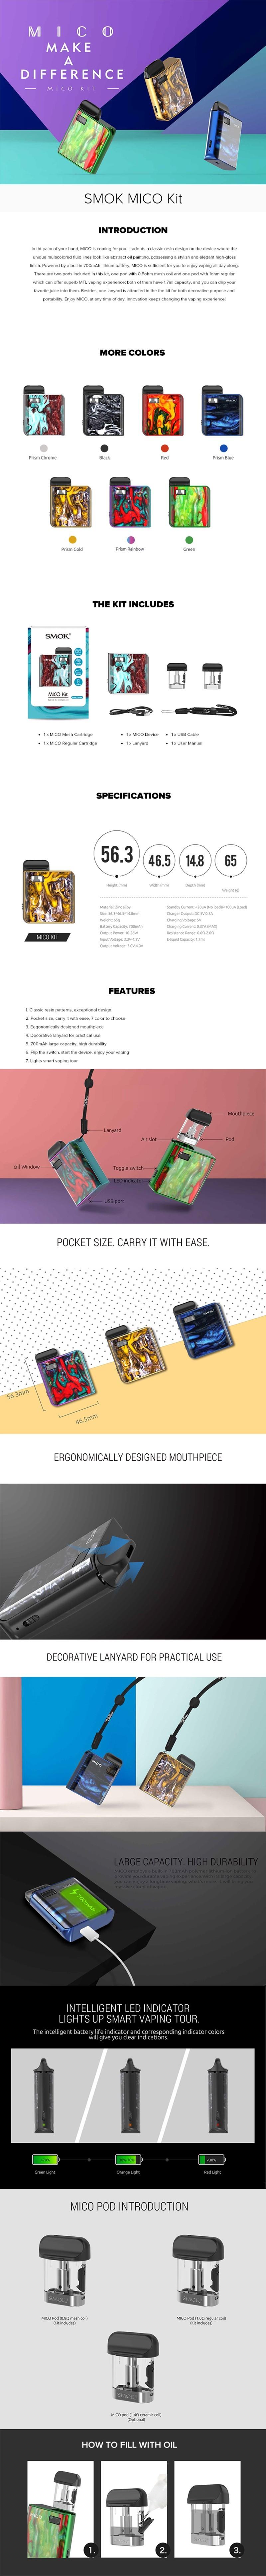 SMOKTech SMOK Mico 26W 700mAh Pod System Starter Kit